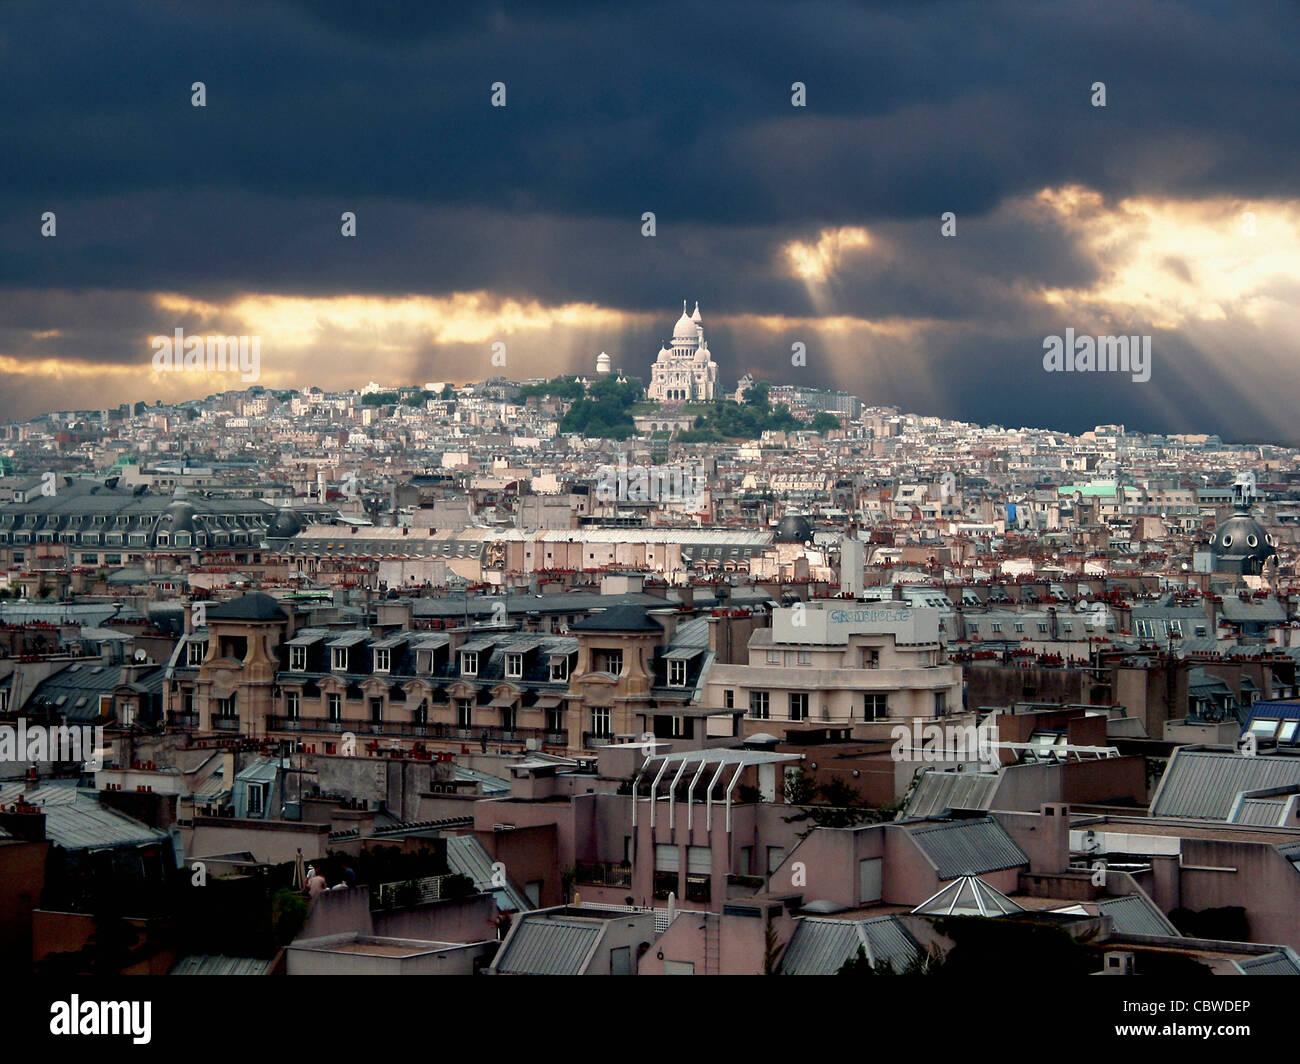 París, Francia, Europa - en la luz del atardecer con nubes de tormenta Imagen De Stock